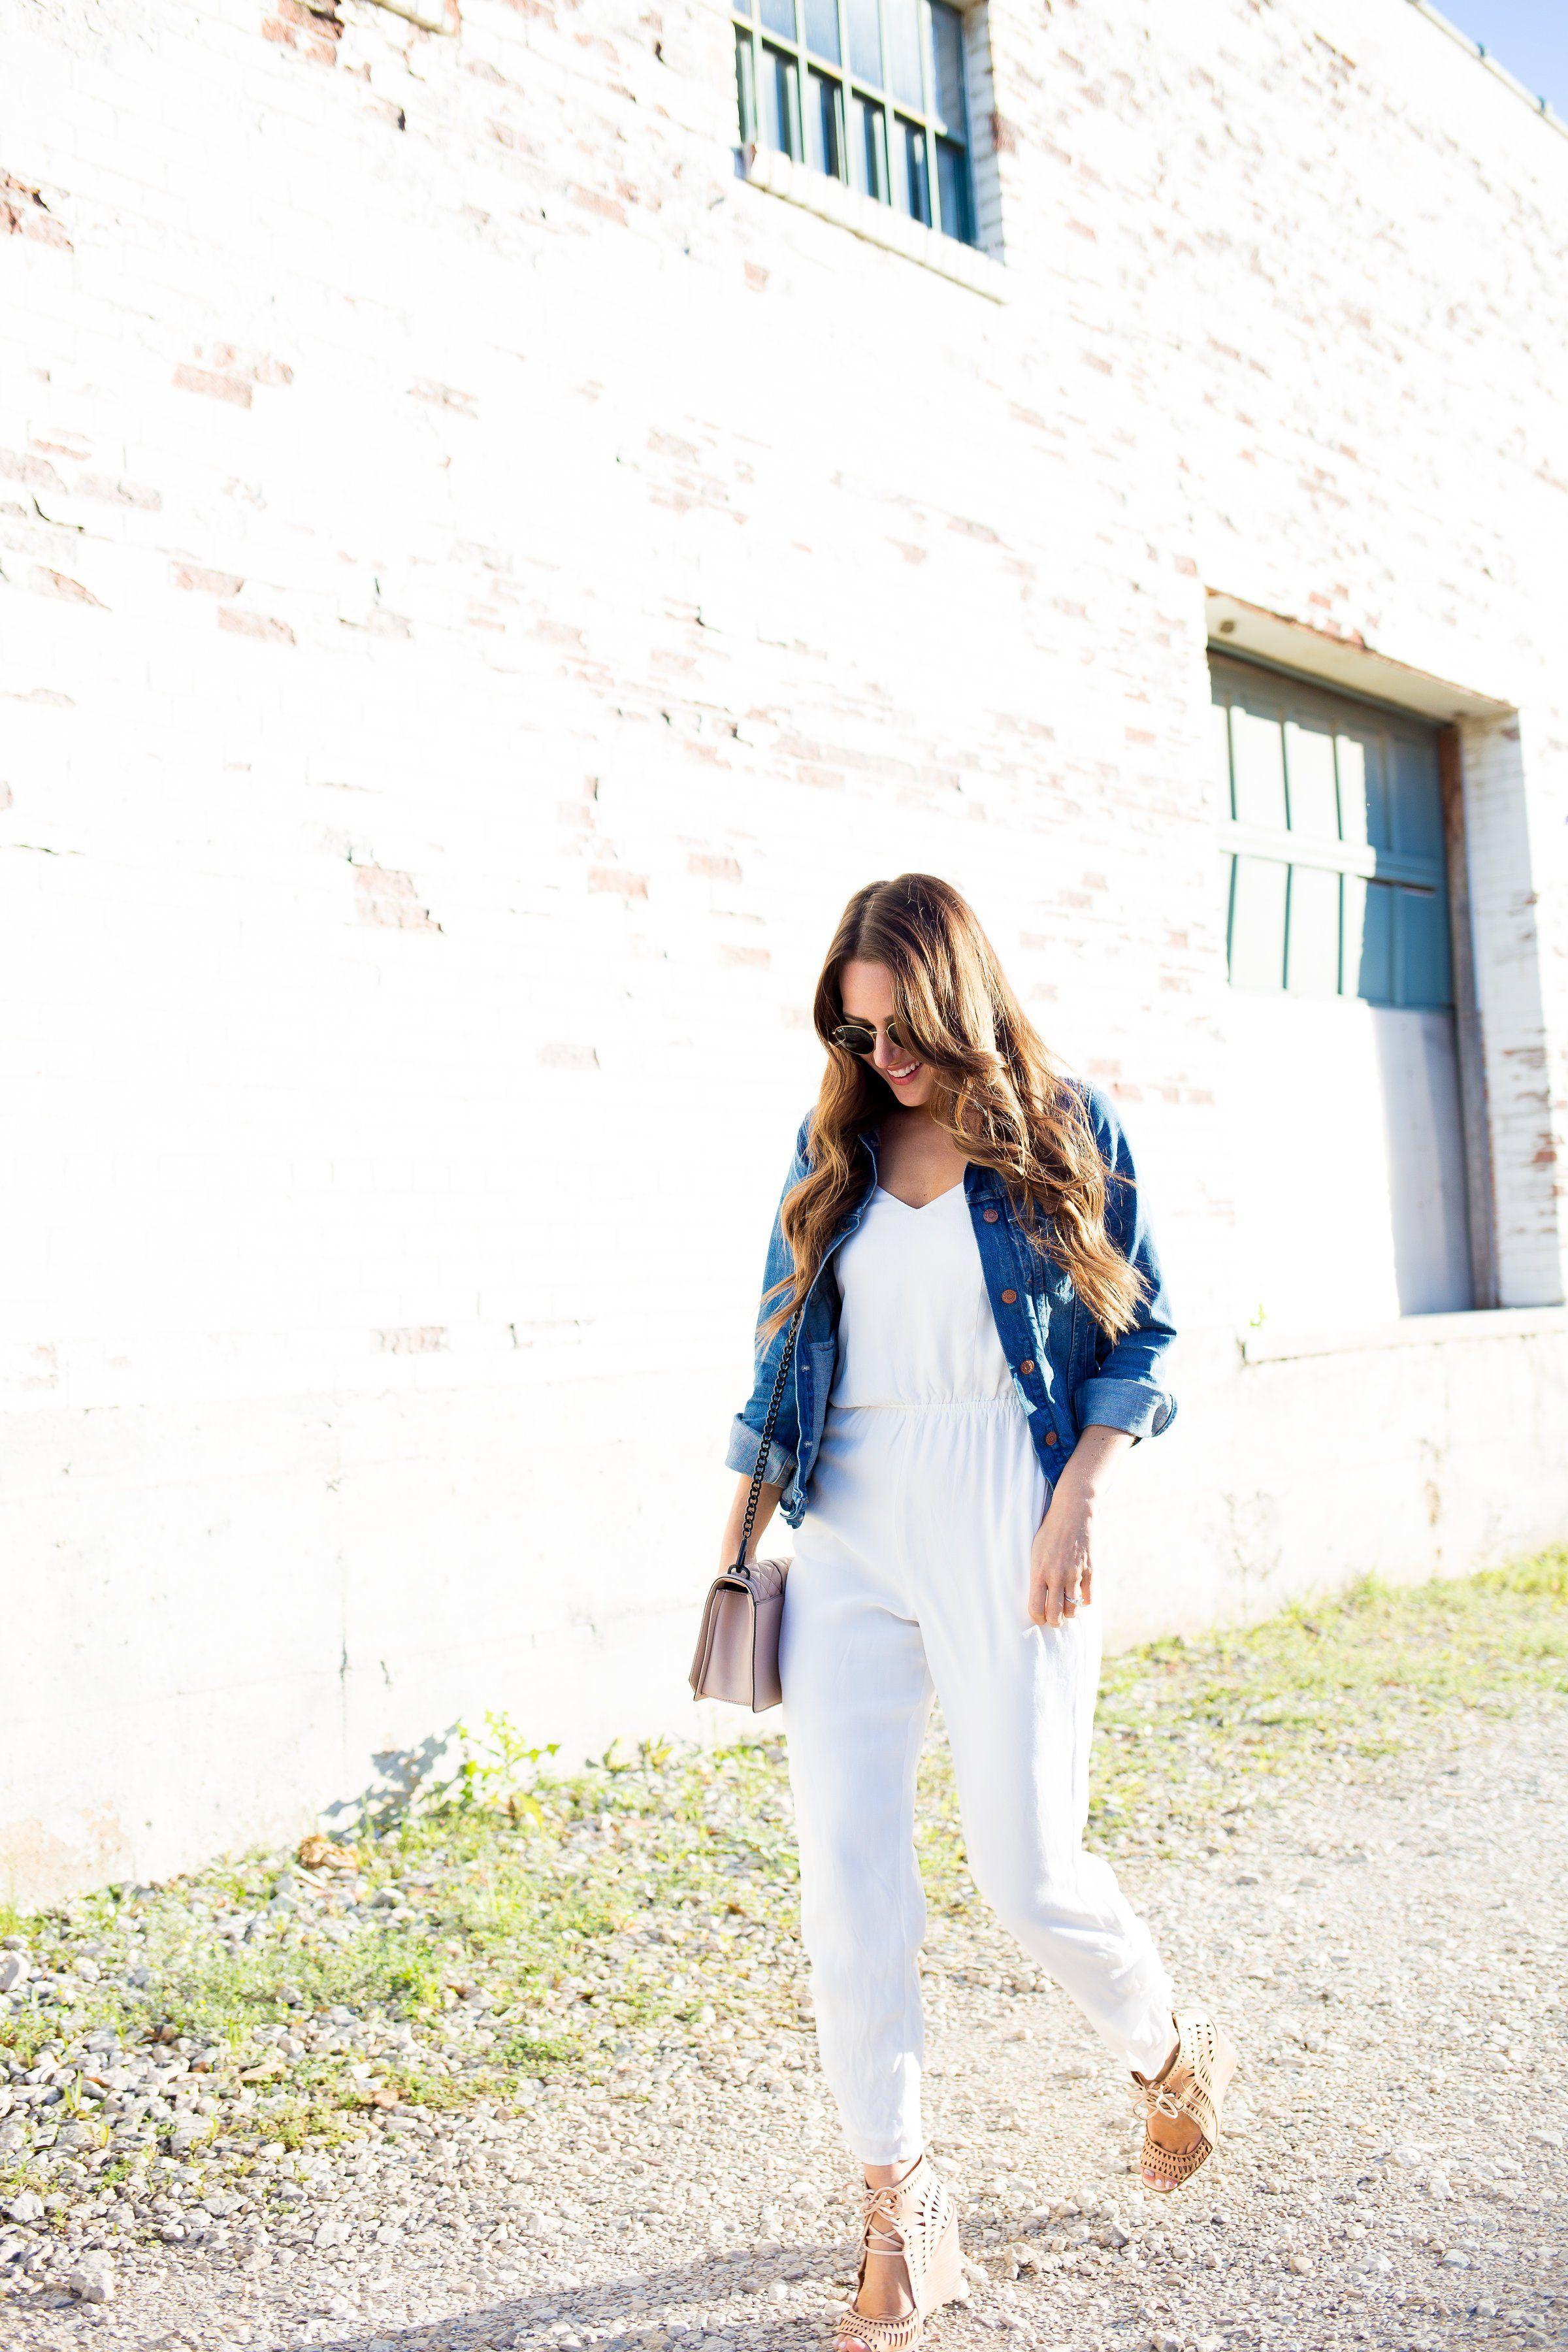 6abbabe8251a White Jumpsuit + Denim Jacket - A Lo Profile